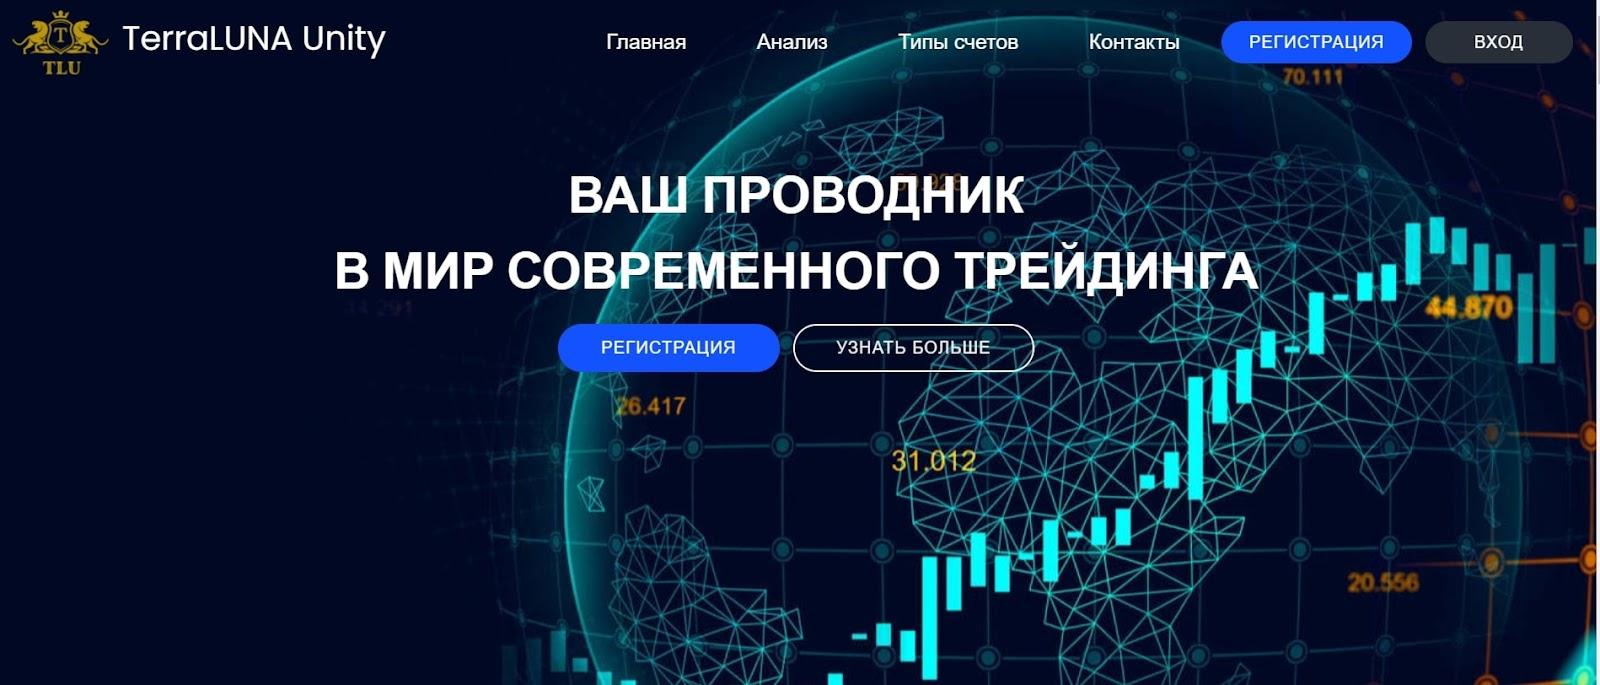 TerraLUNA Unity: отзывы трейдеров и анализ деятельности брокерской компании